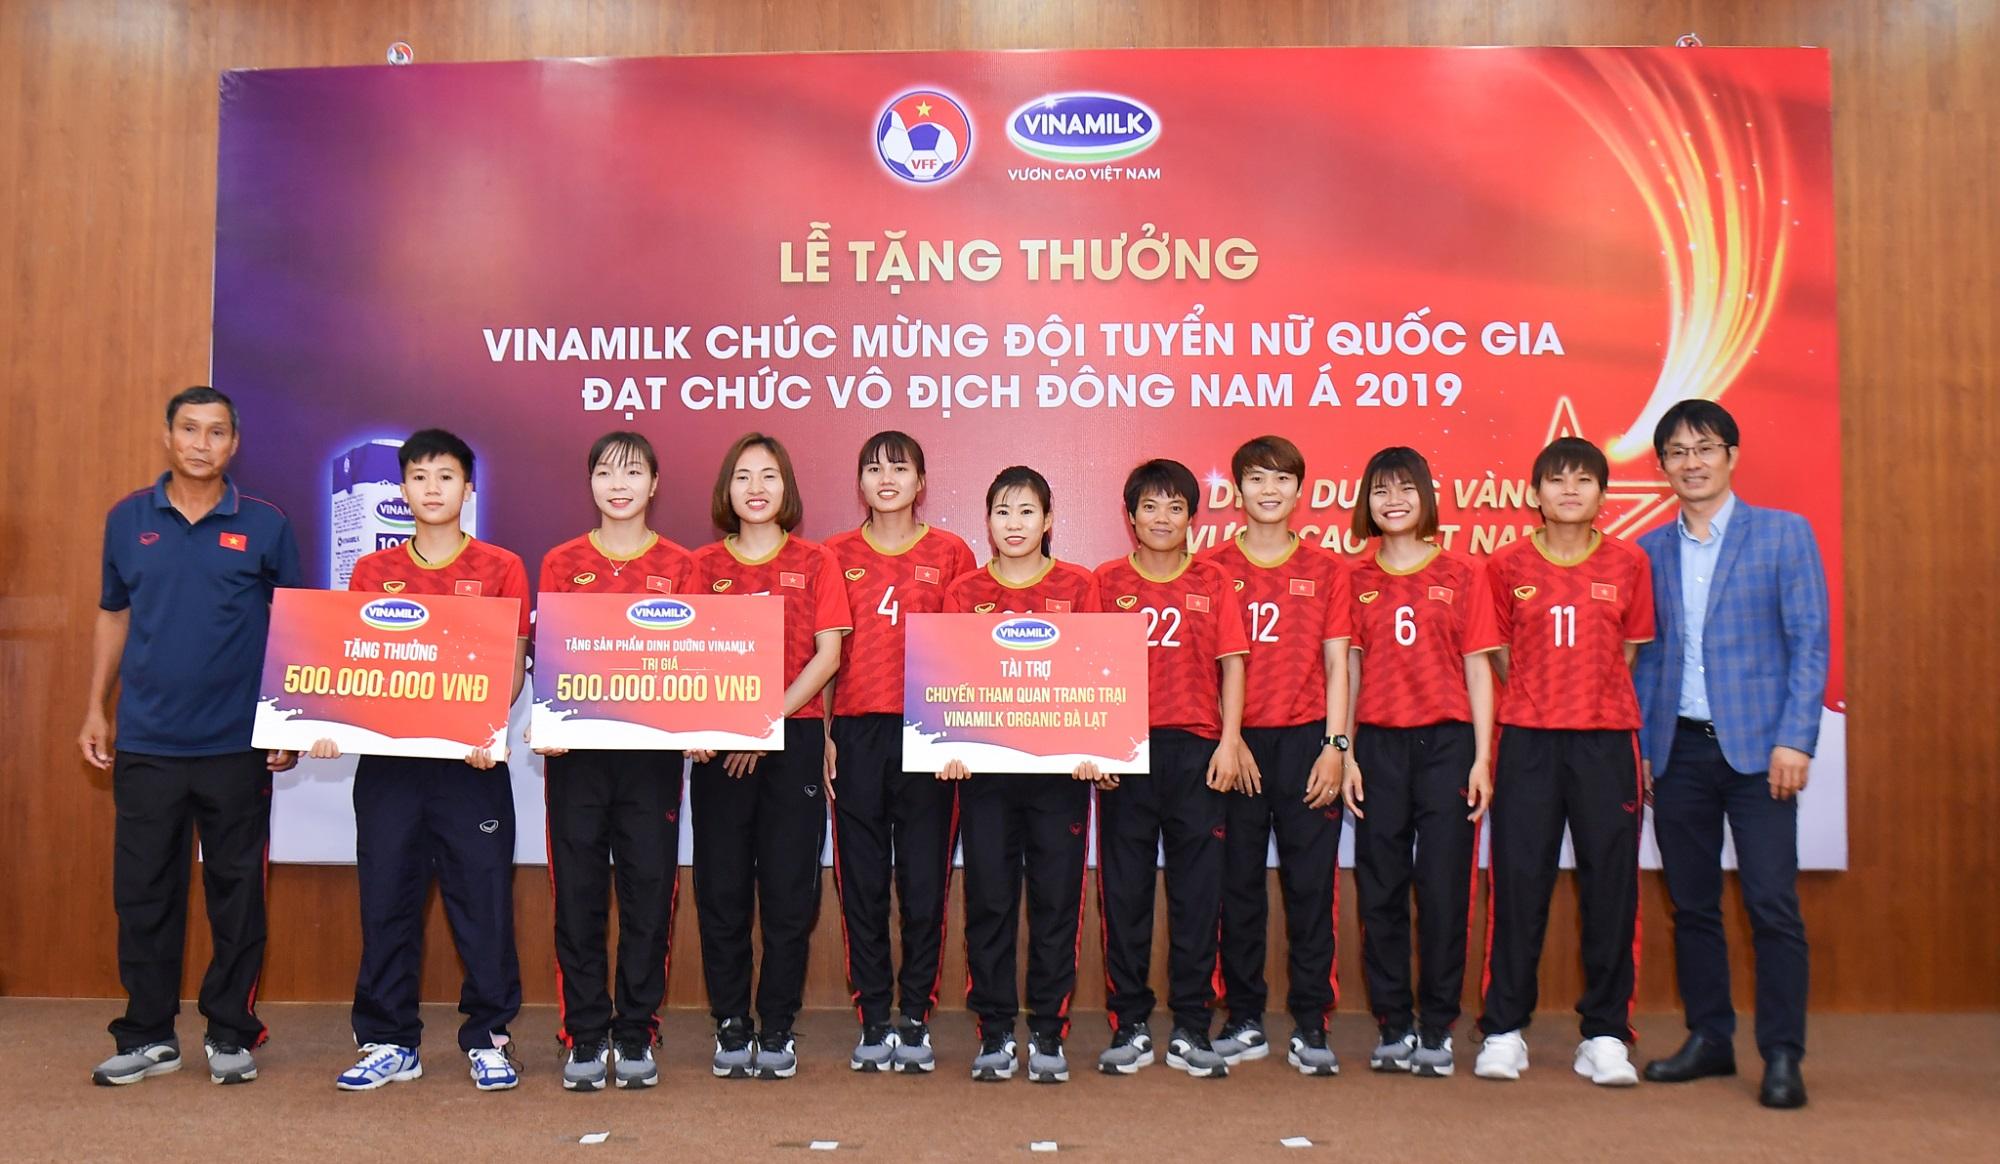 Vinamilk trao thưởng chúc mừng đội tuyển bóng đá nữ quốc gia vô địch Đông Nam Á 2019 - Ảnh 1